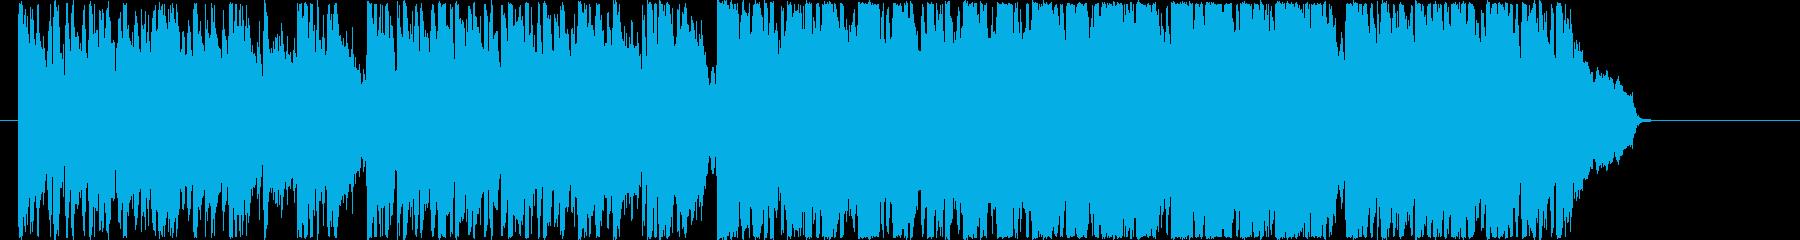 企業_CM_ オーガニックの再生済みの波形